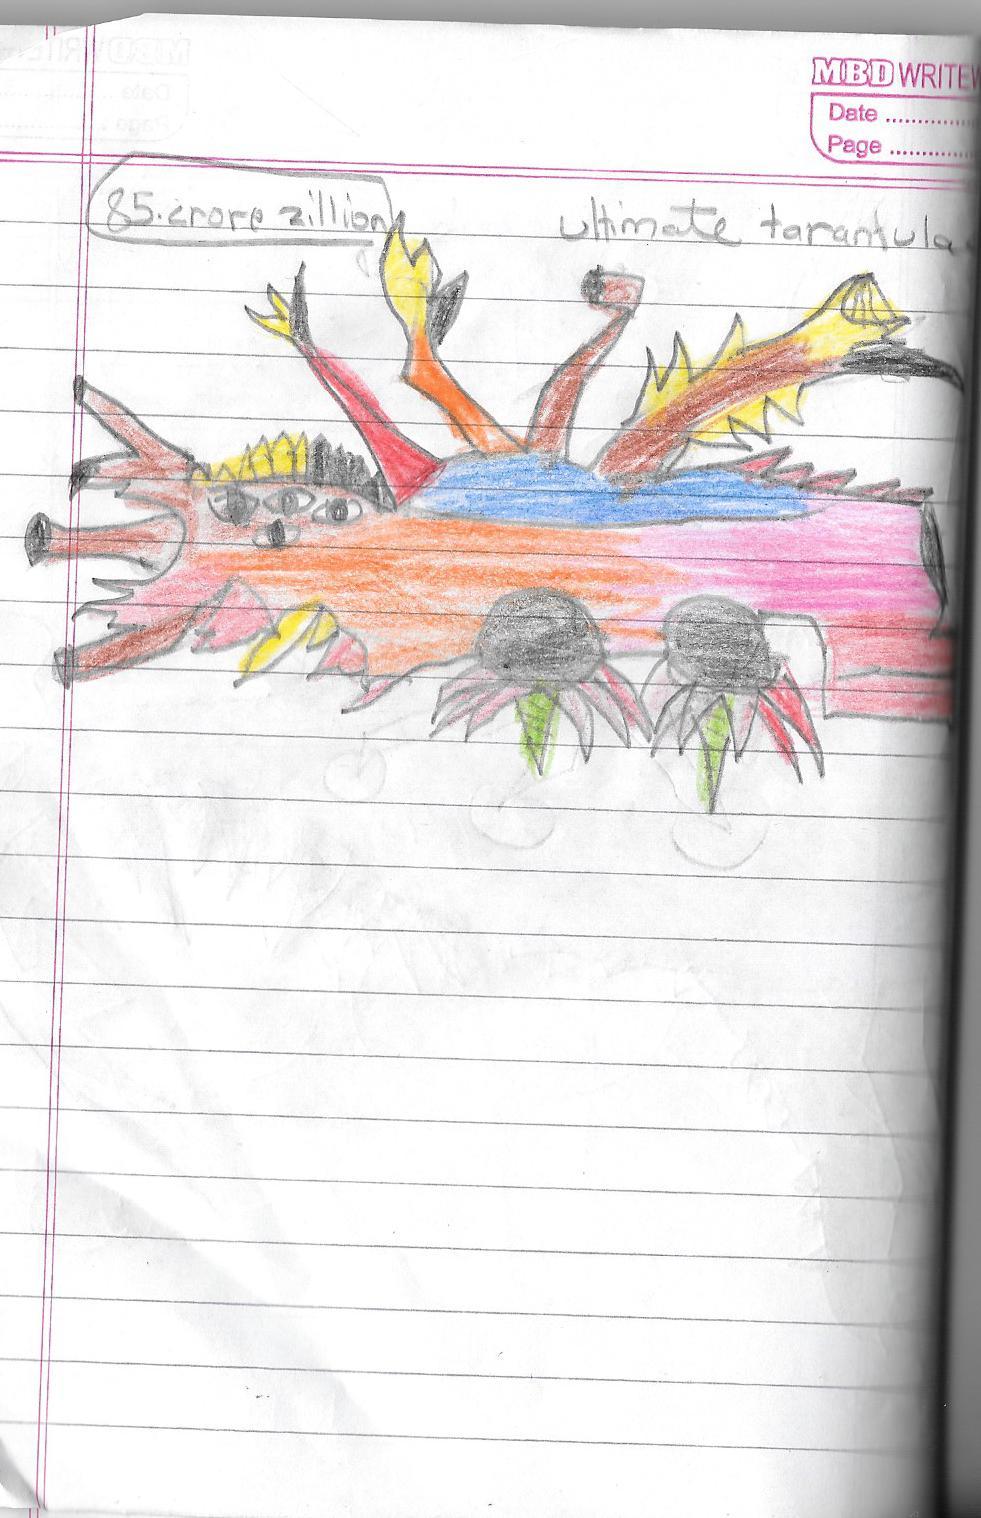 Drawn spider dragon #14